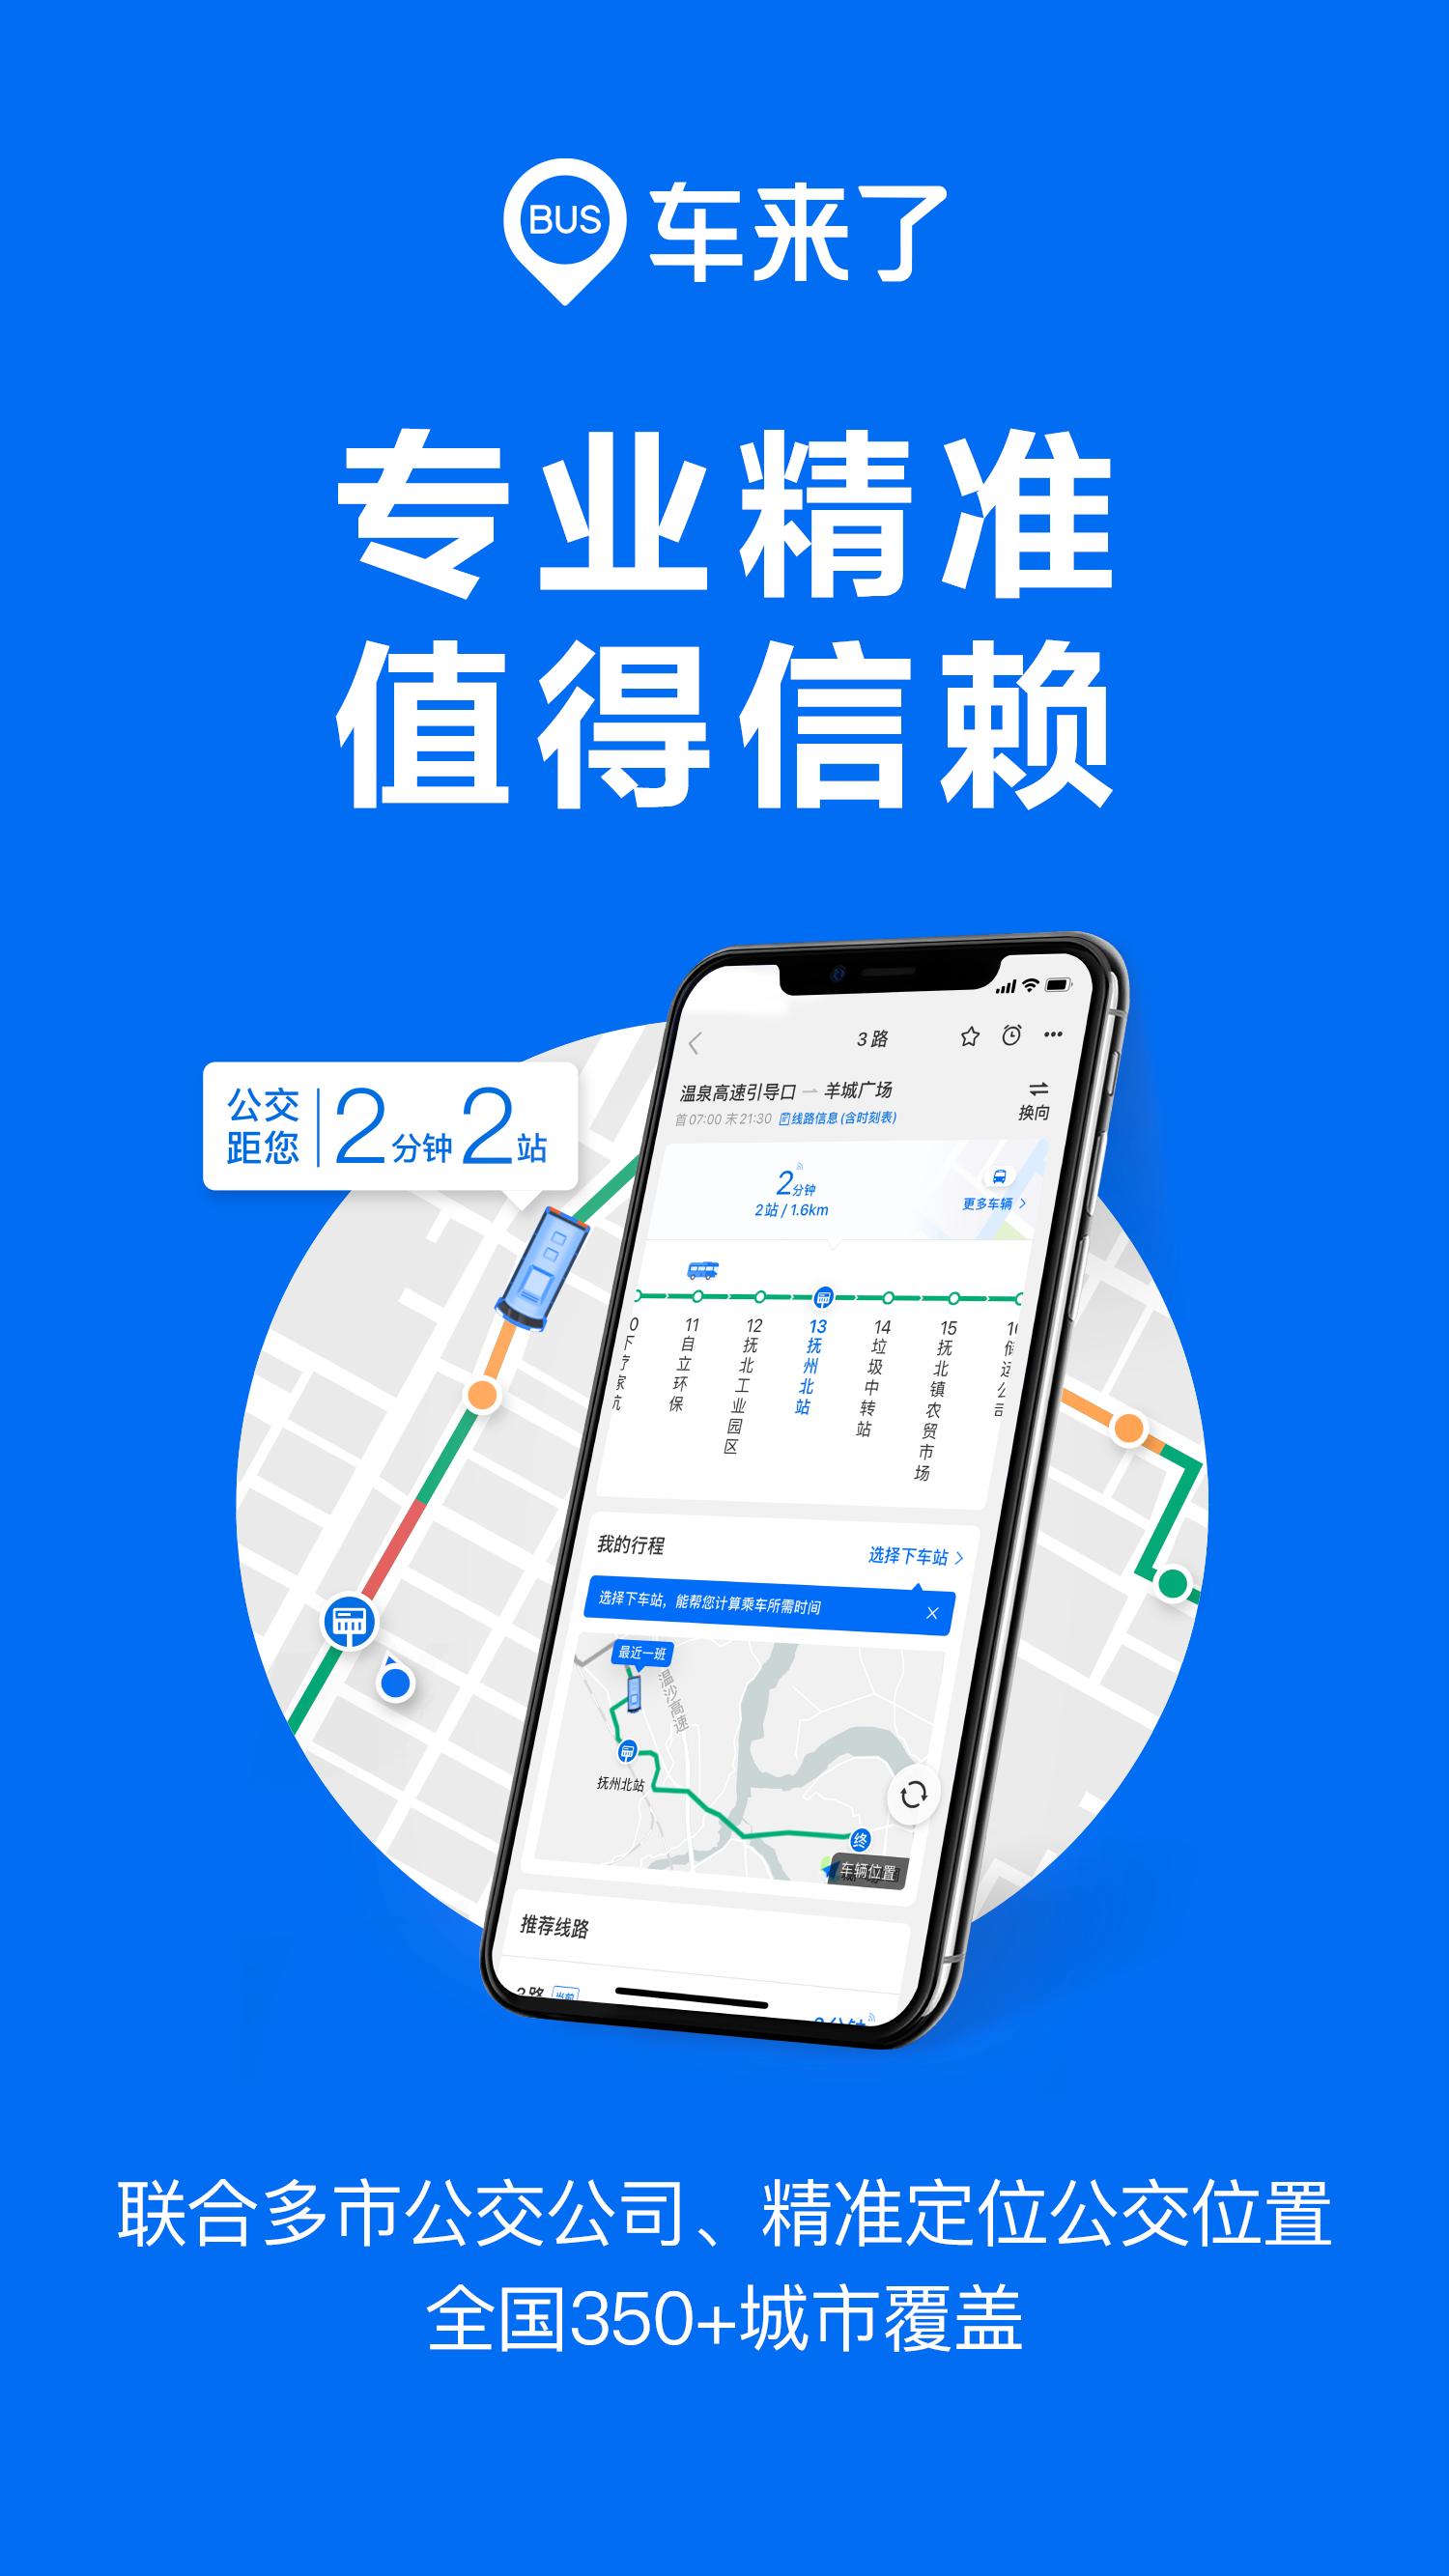 车来了app-实时掌上公交v4.11.4 安卓版